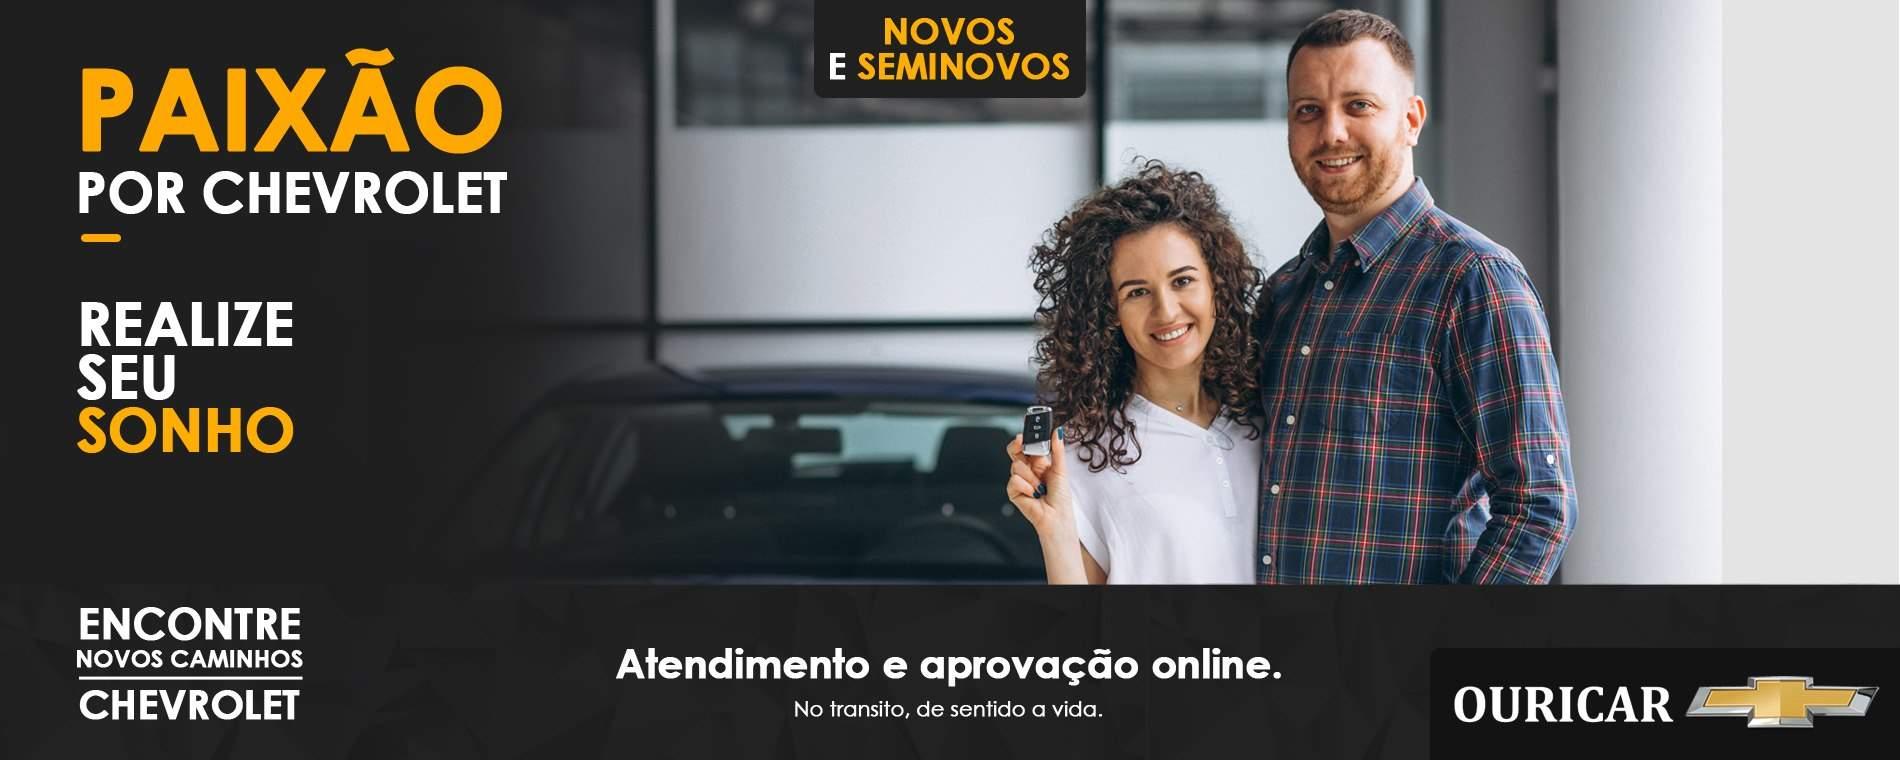 A Chevrolet Ouricar realiza o seu sonho de comprar um carro. Conheça os nossos modelos.